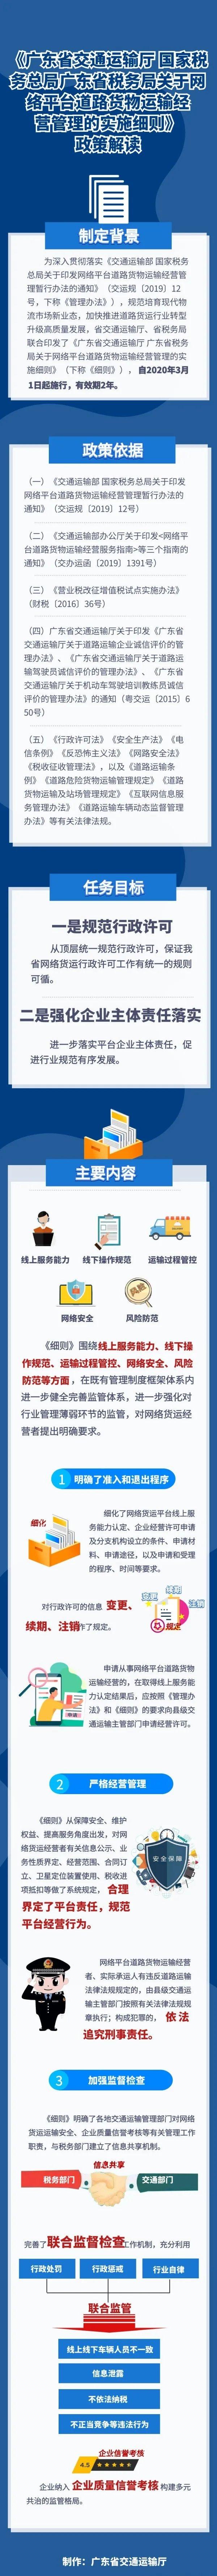 网络货运入局无忧让你一图读懂《广东省网络货运平台实施细则》